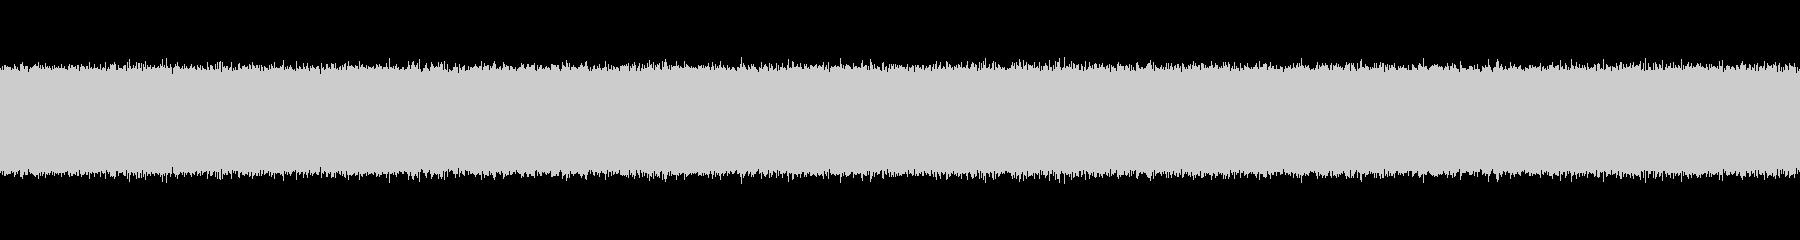 テレビの静止-ホワイトノイズ。シー...の未再生の波形